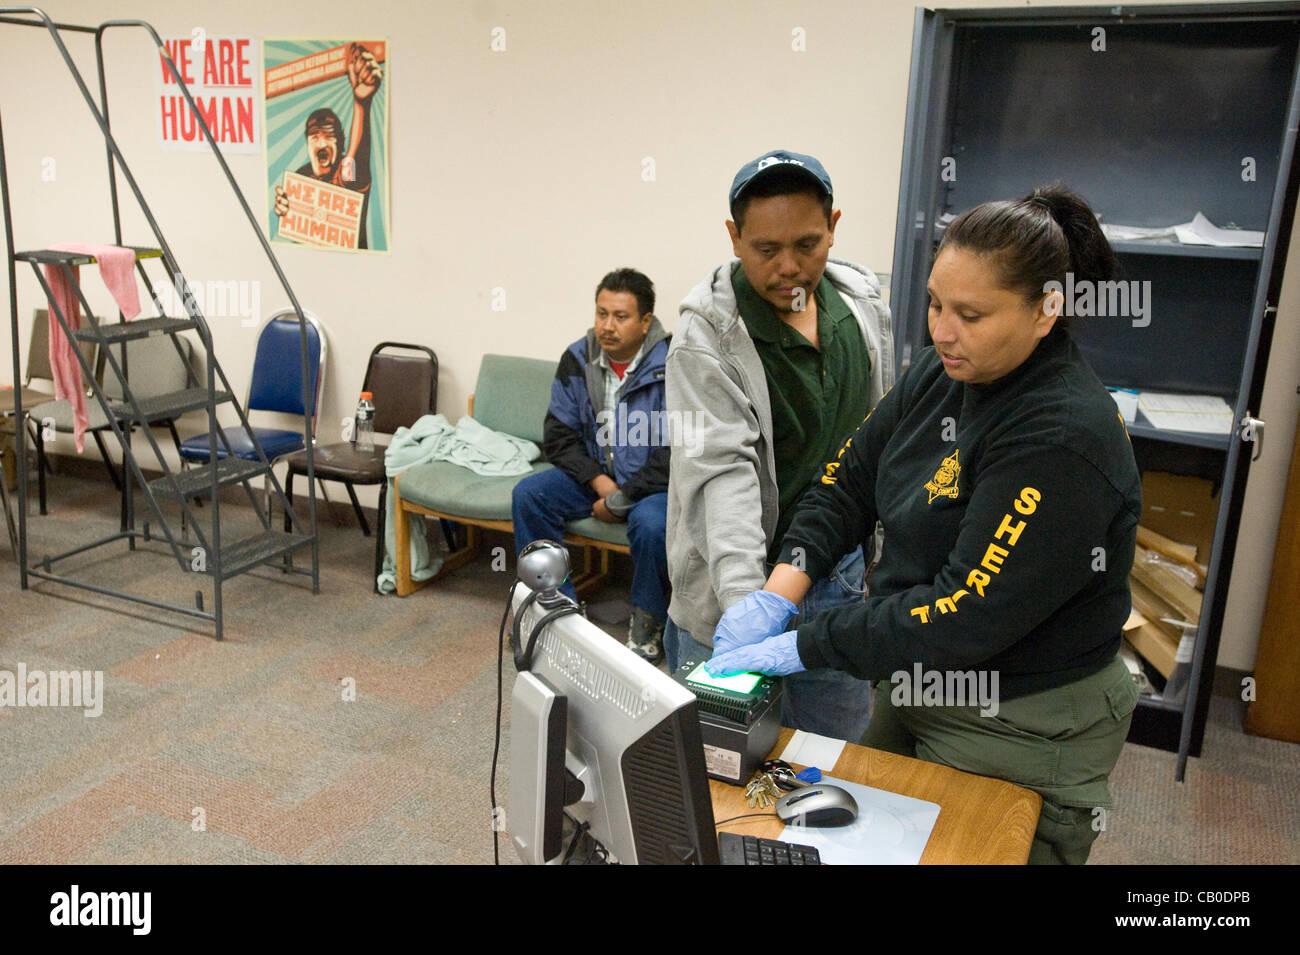 Maricopa County Sheriff's Office Stock Photos & Maricopa